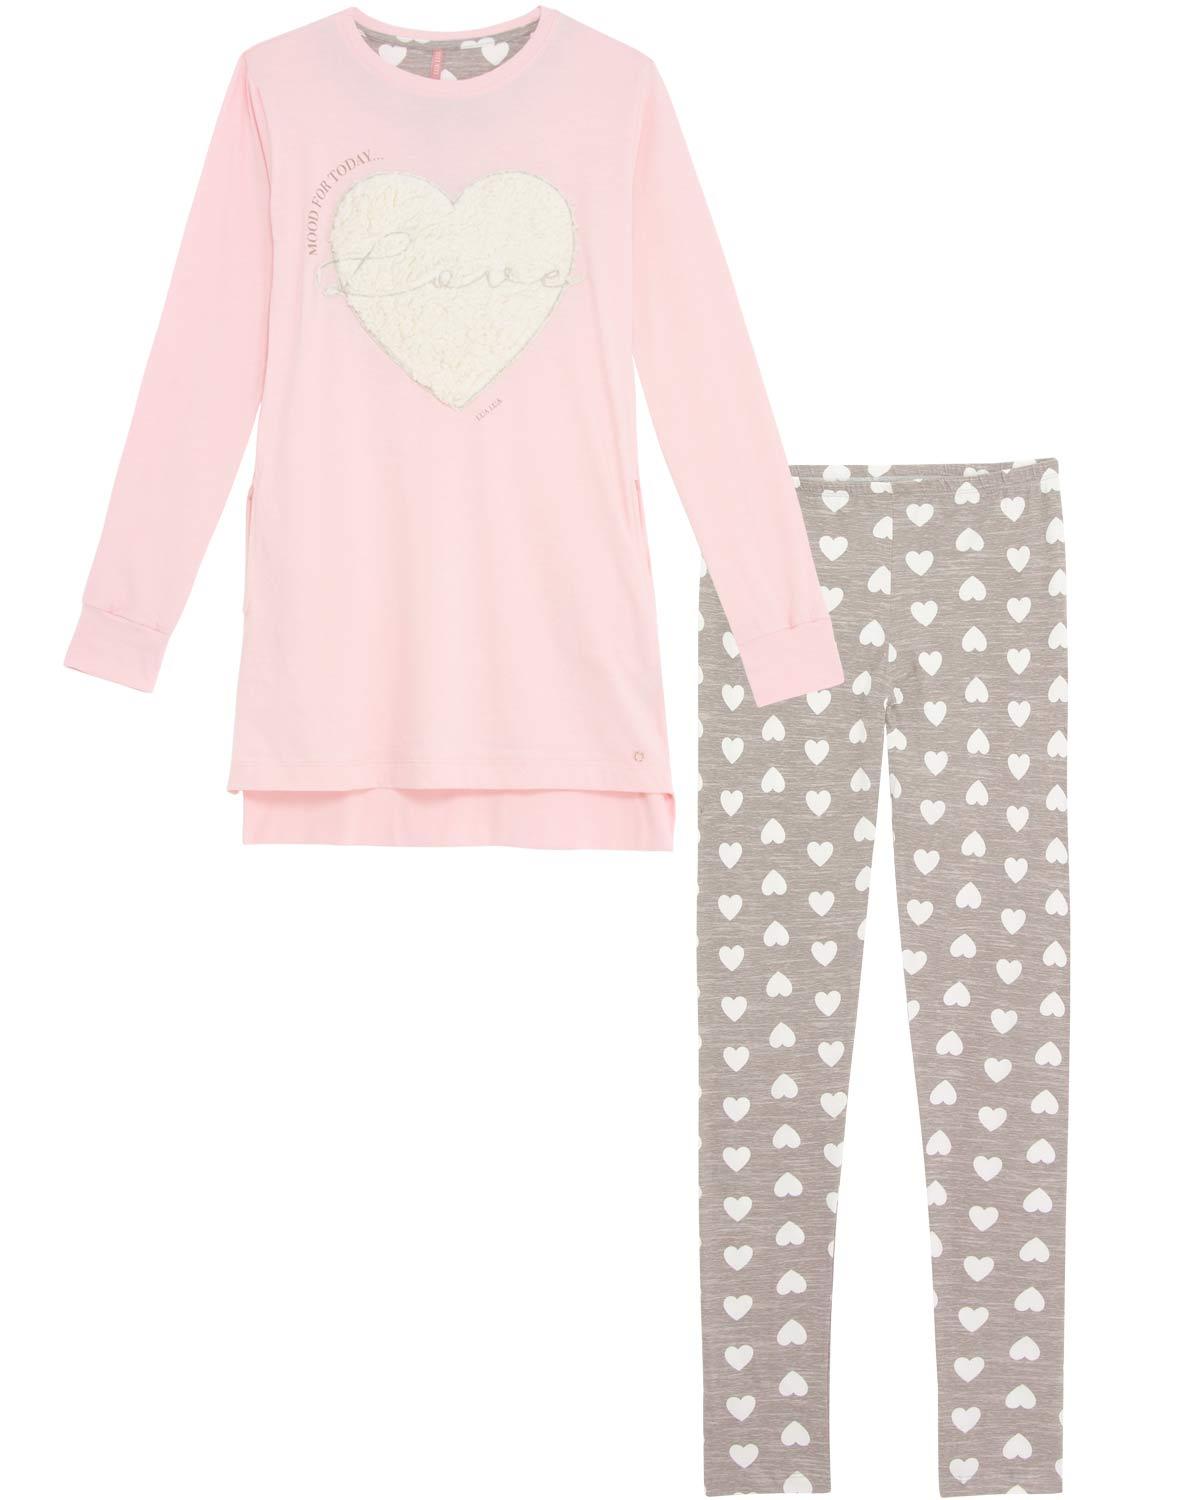 83fefd42a1e163 Pijama Feminino Lua Luá Legging Coração Peluciado | Pijama Online ...